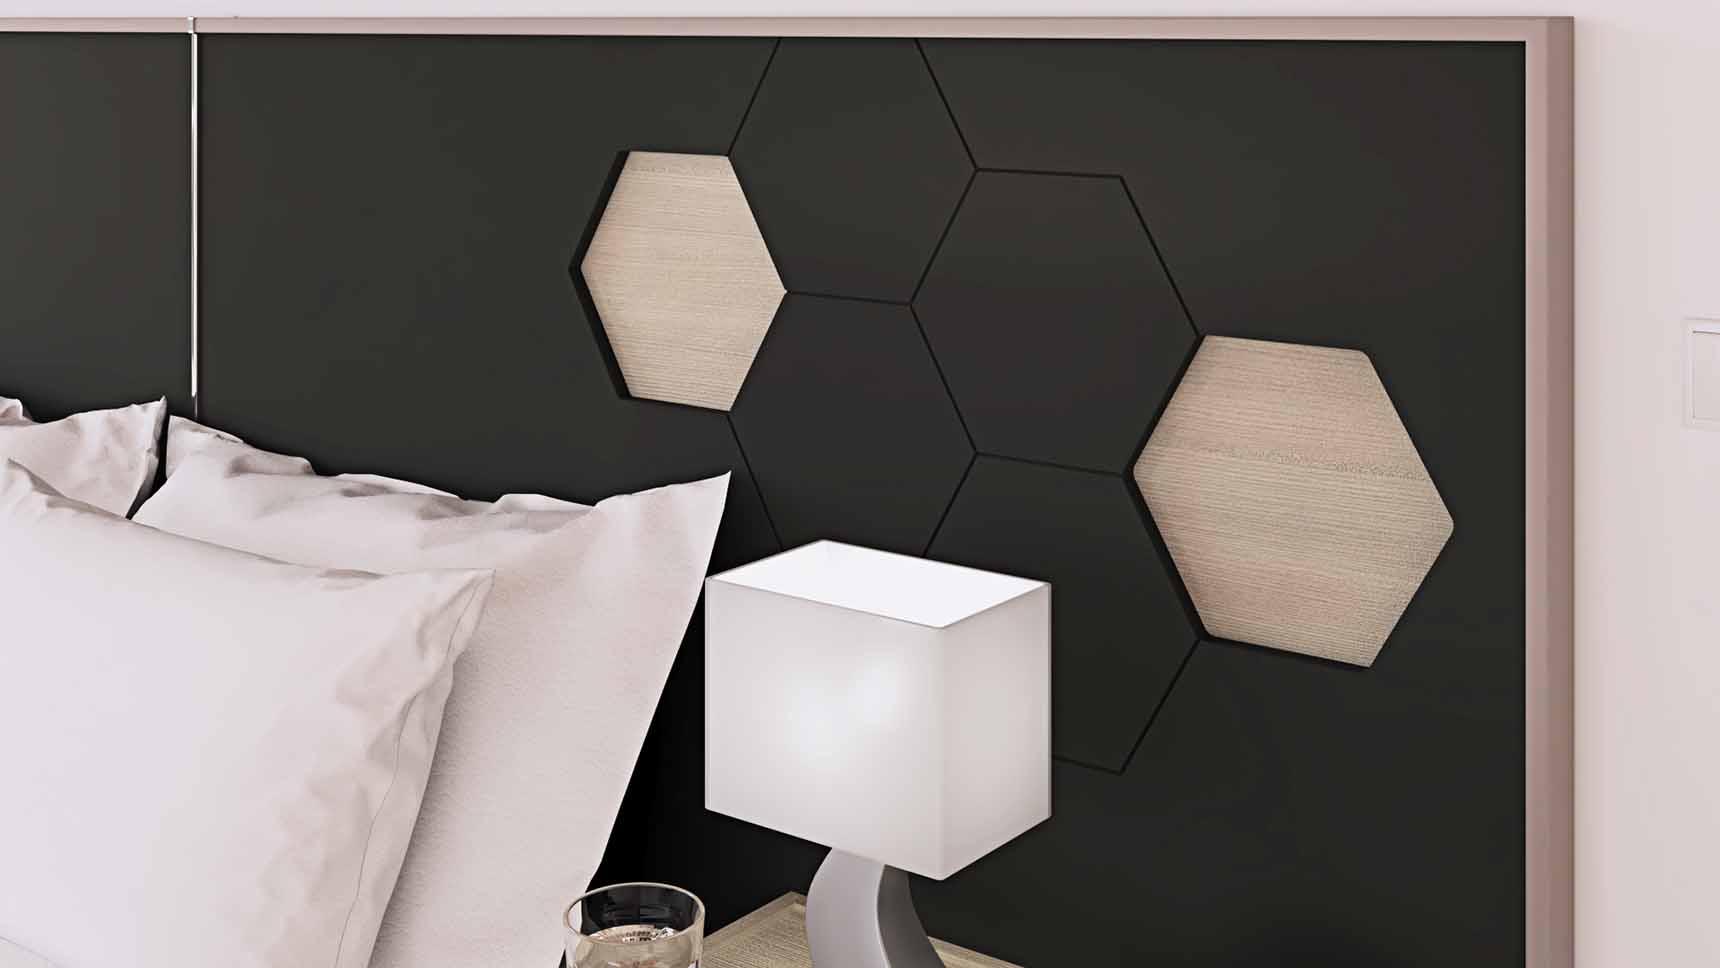 cabecero hexagonal lacado ih111